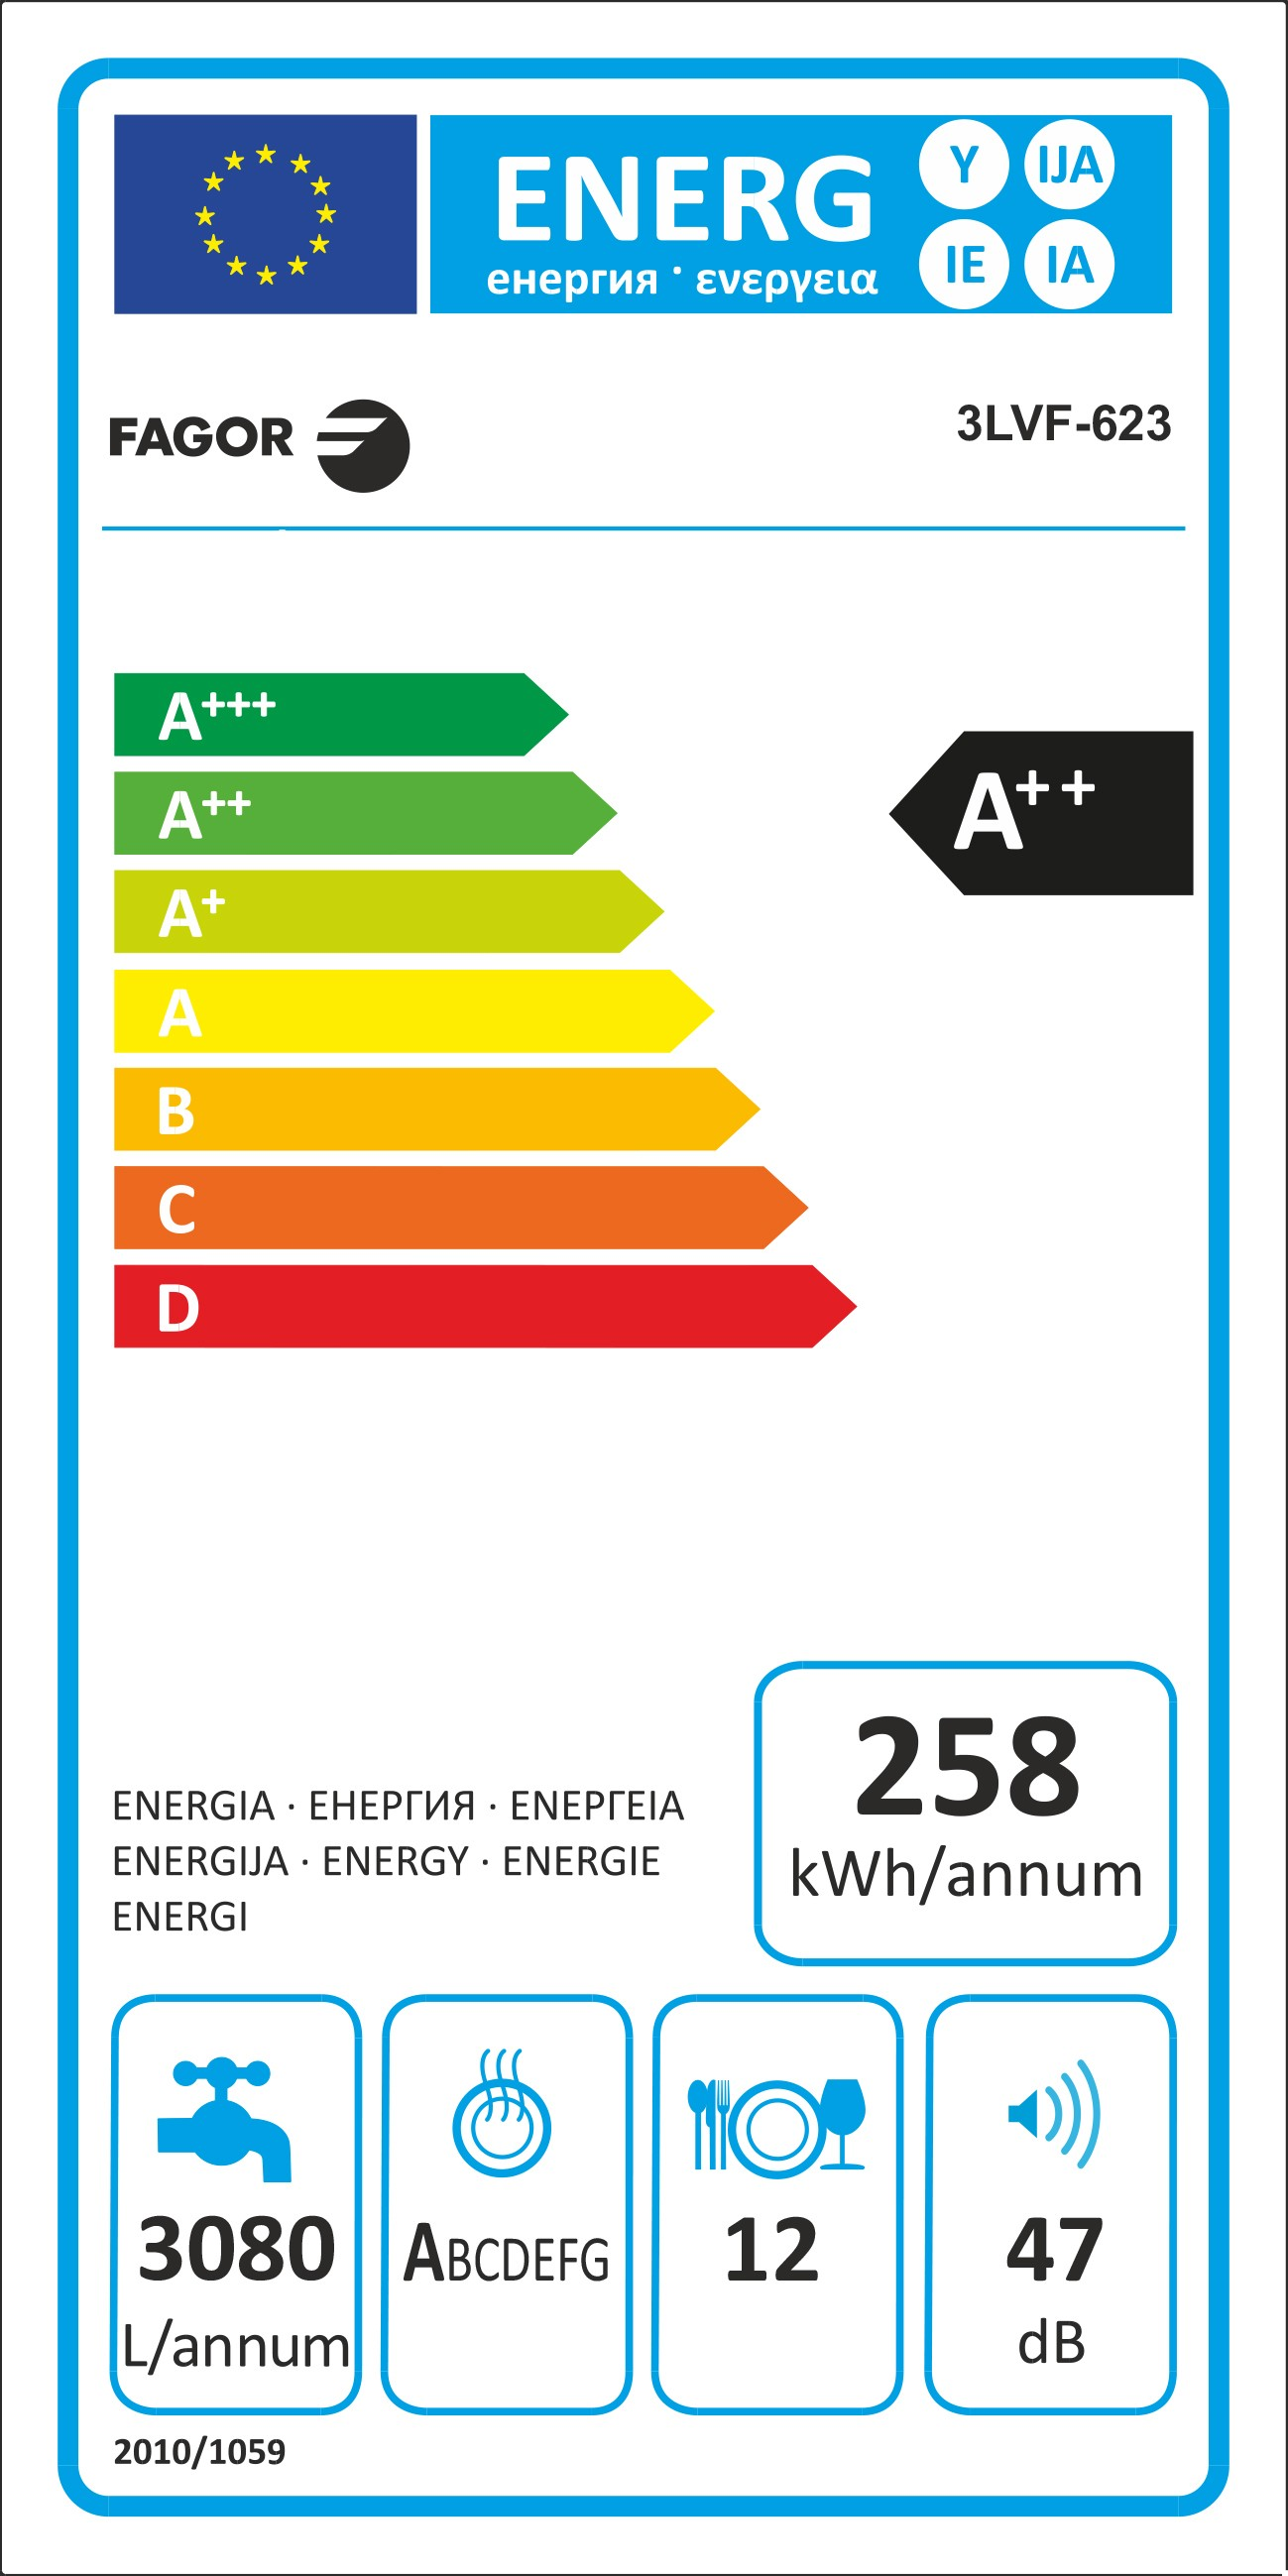 Etiqueta de Eficiencia Energética - 3LVF-623.1